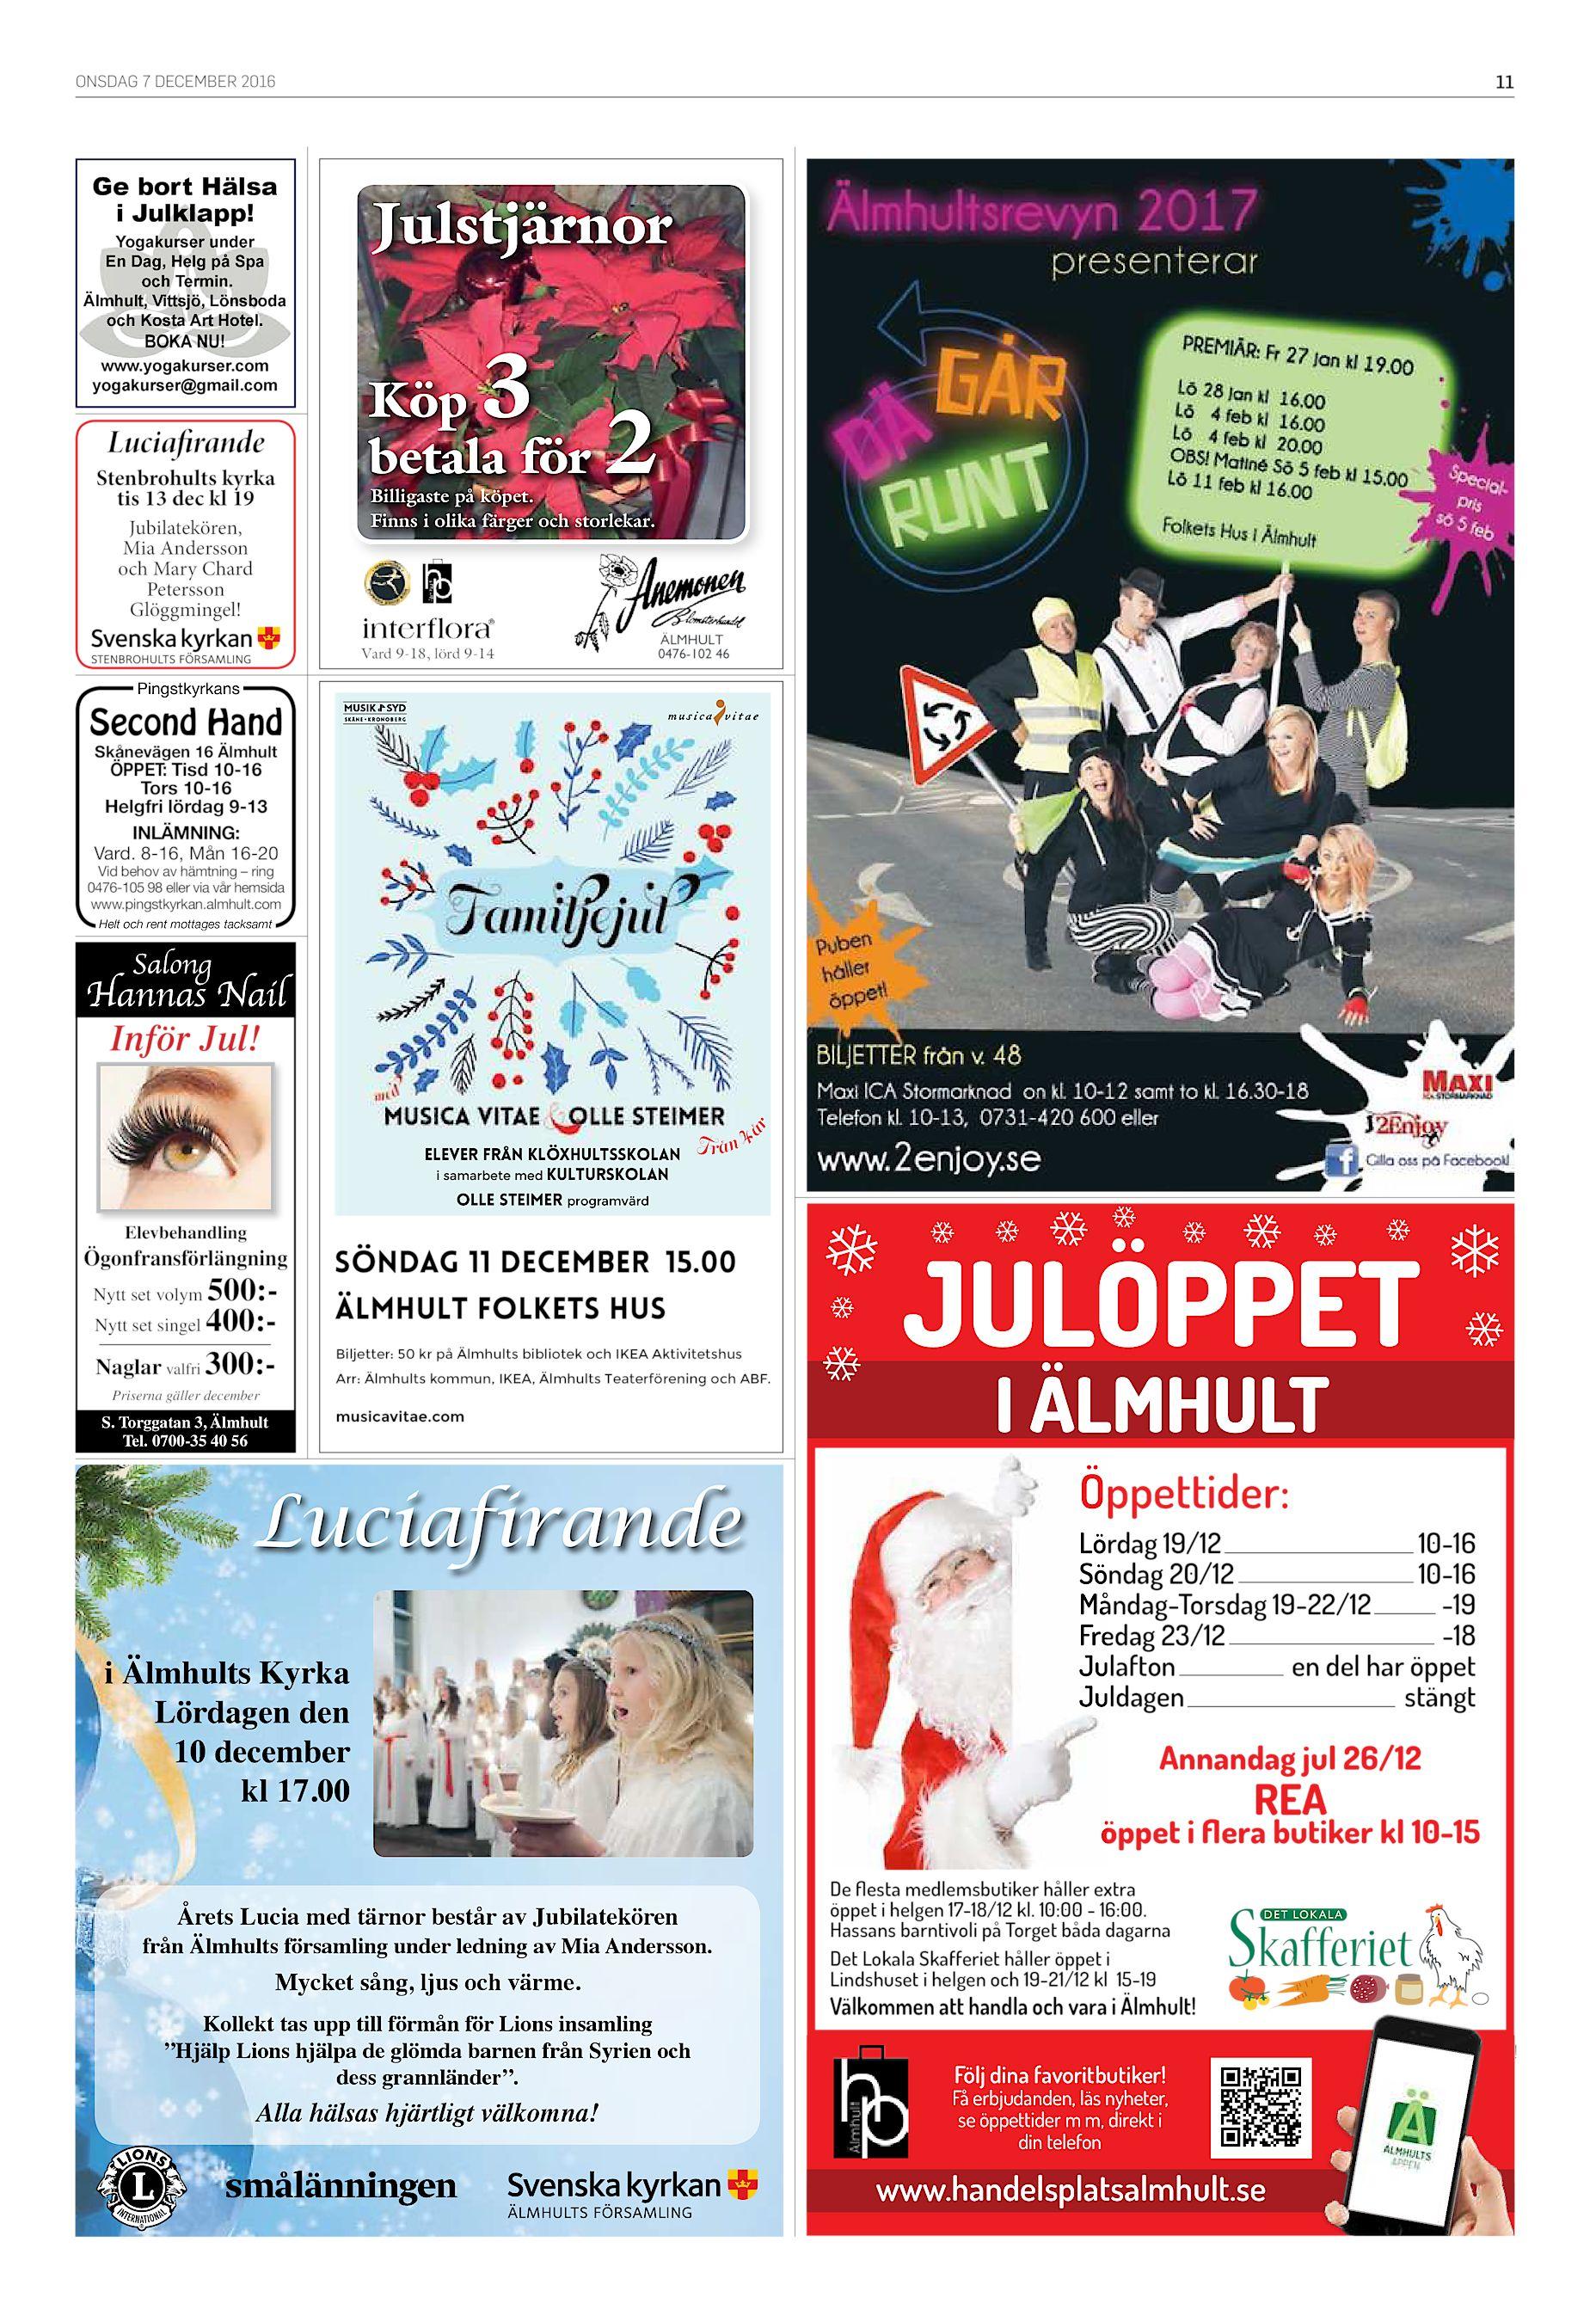 fd6462aeba8a ONSDAG 7 DECEMBER 2016 11 Ge bort Hälsa i Julklapp! Julstjärnor Yogakurser  under En Dag, Helg på Spa och Termin. Älmhult, Vittsjö, Lönsboda och Kosta  Art ...